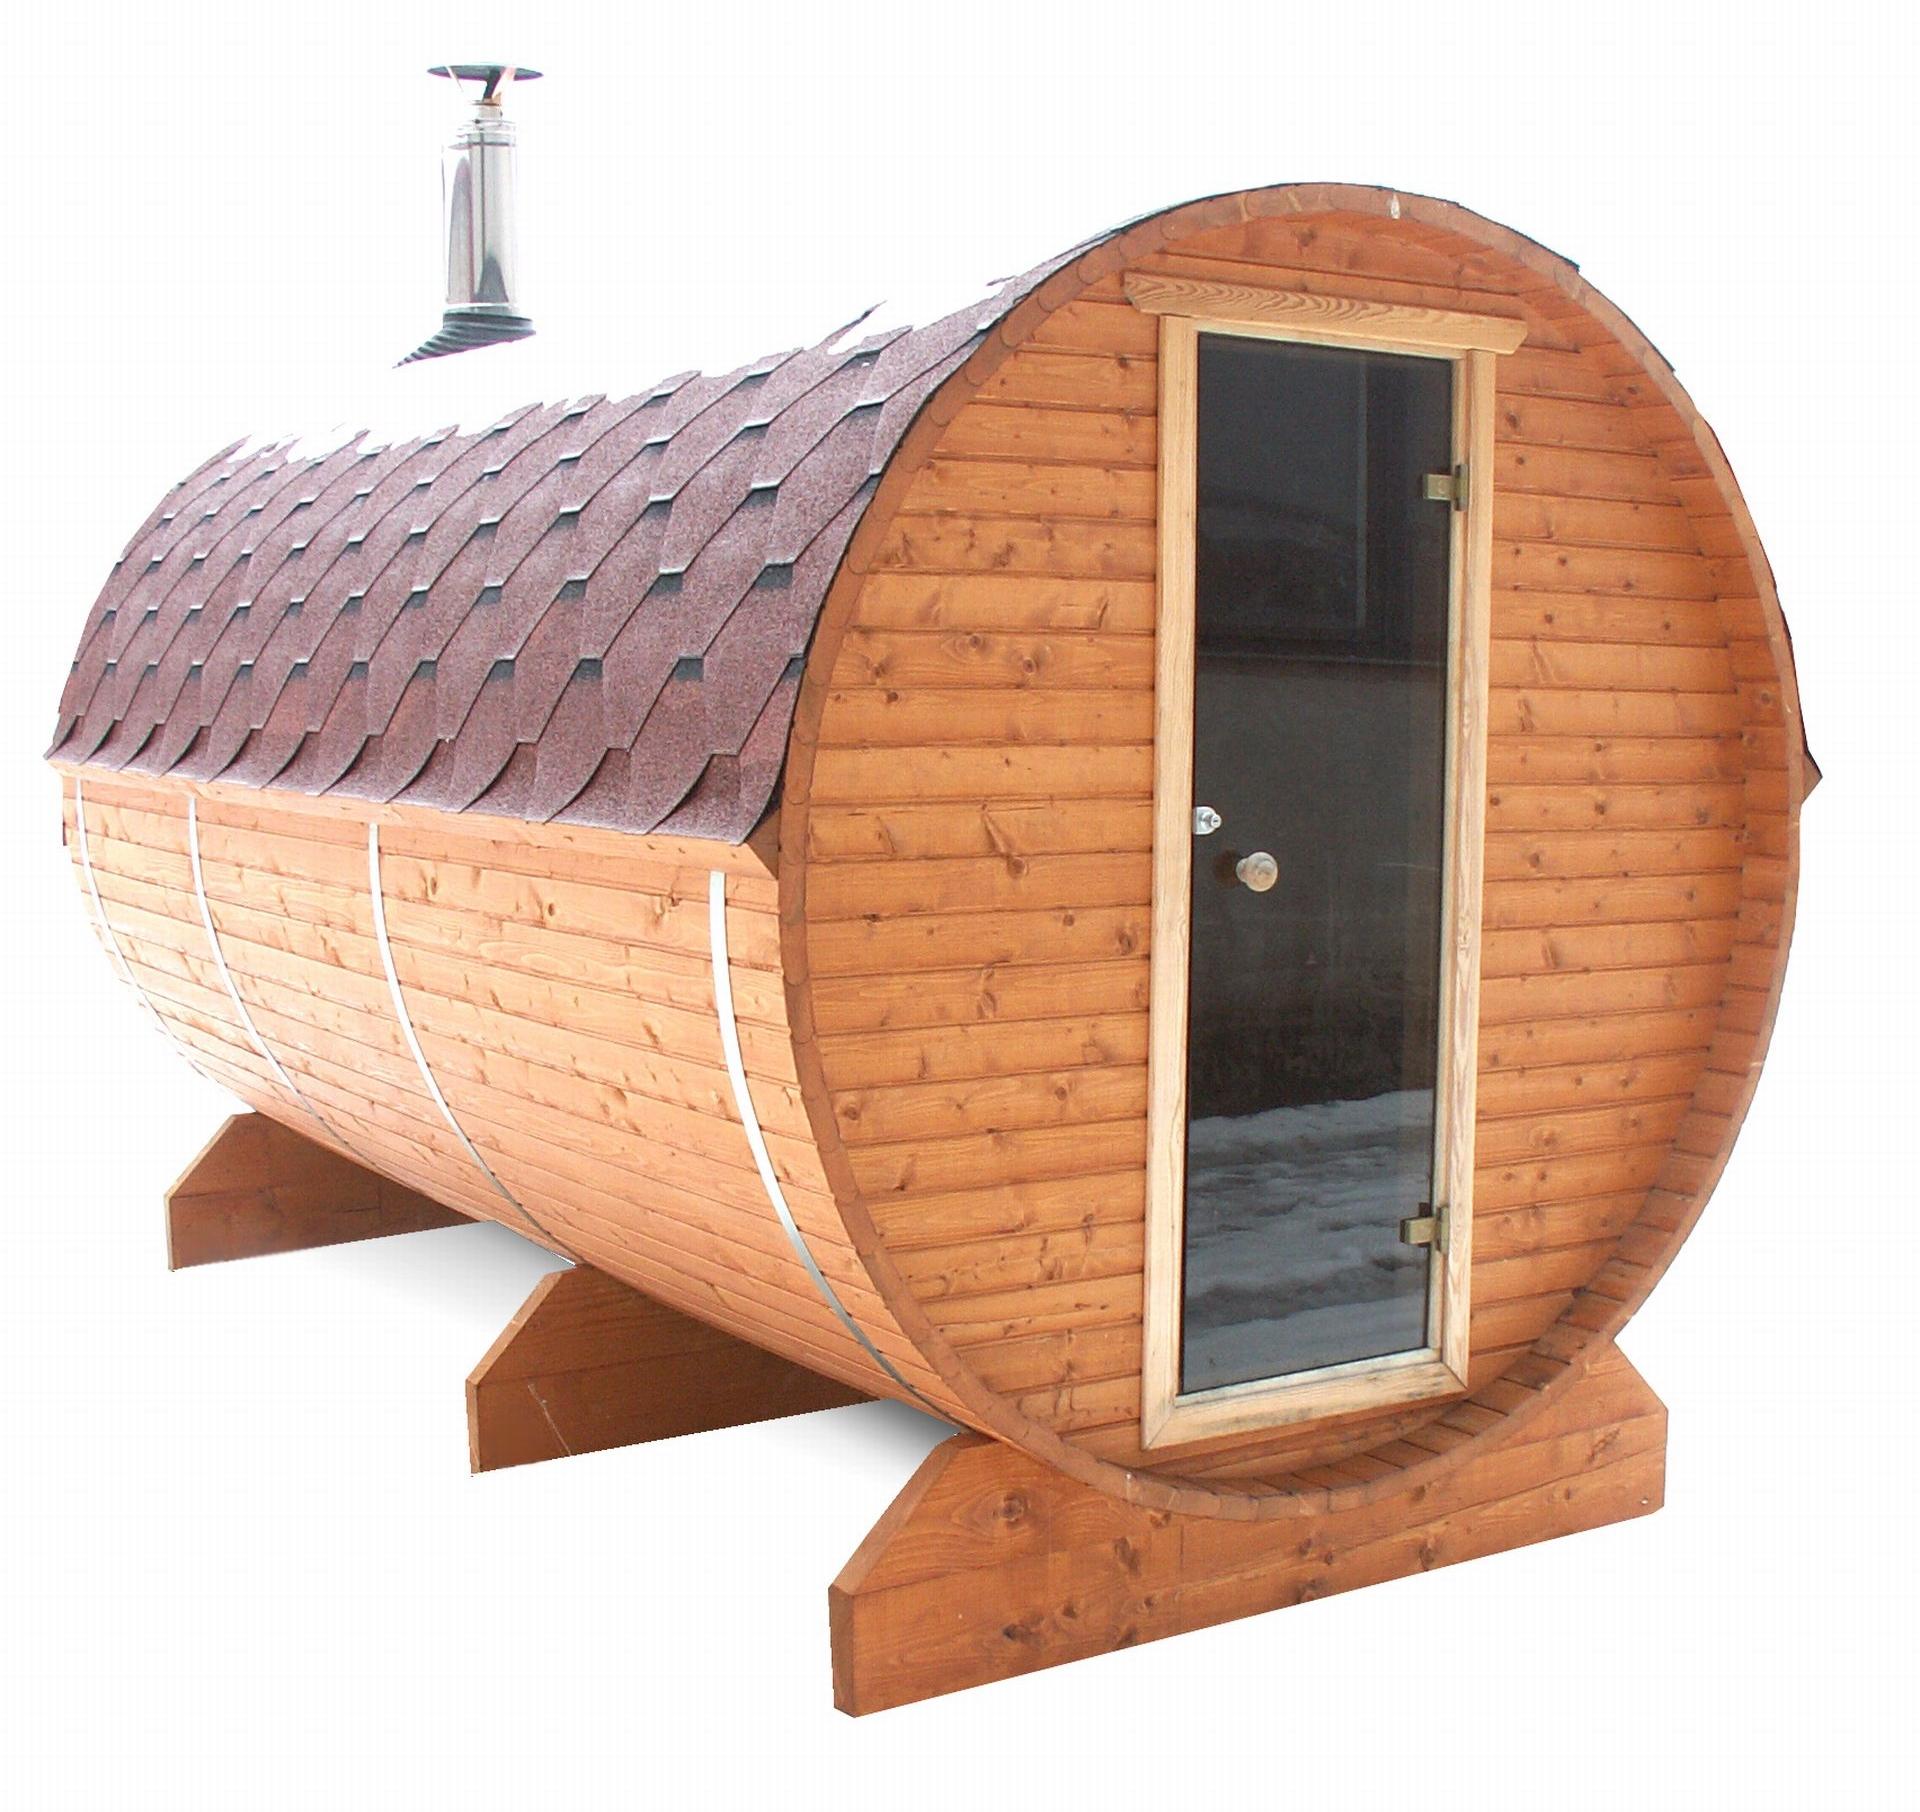 fasssauna bausatz verwirklichen sie sich einen traum die sauna ist mit holzofen oder. Black Bedroom Furniture Sets. Home Design Ideas